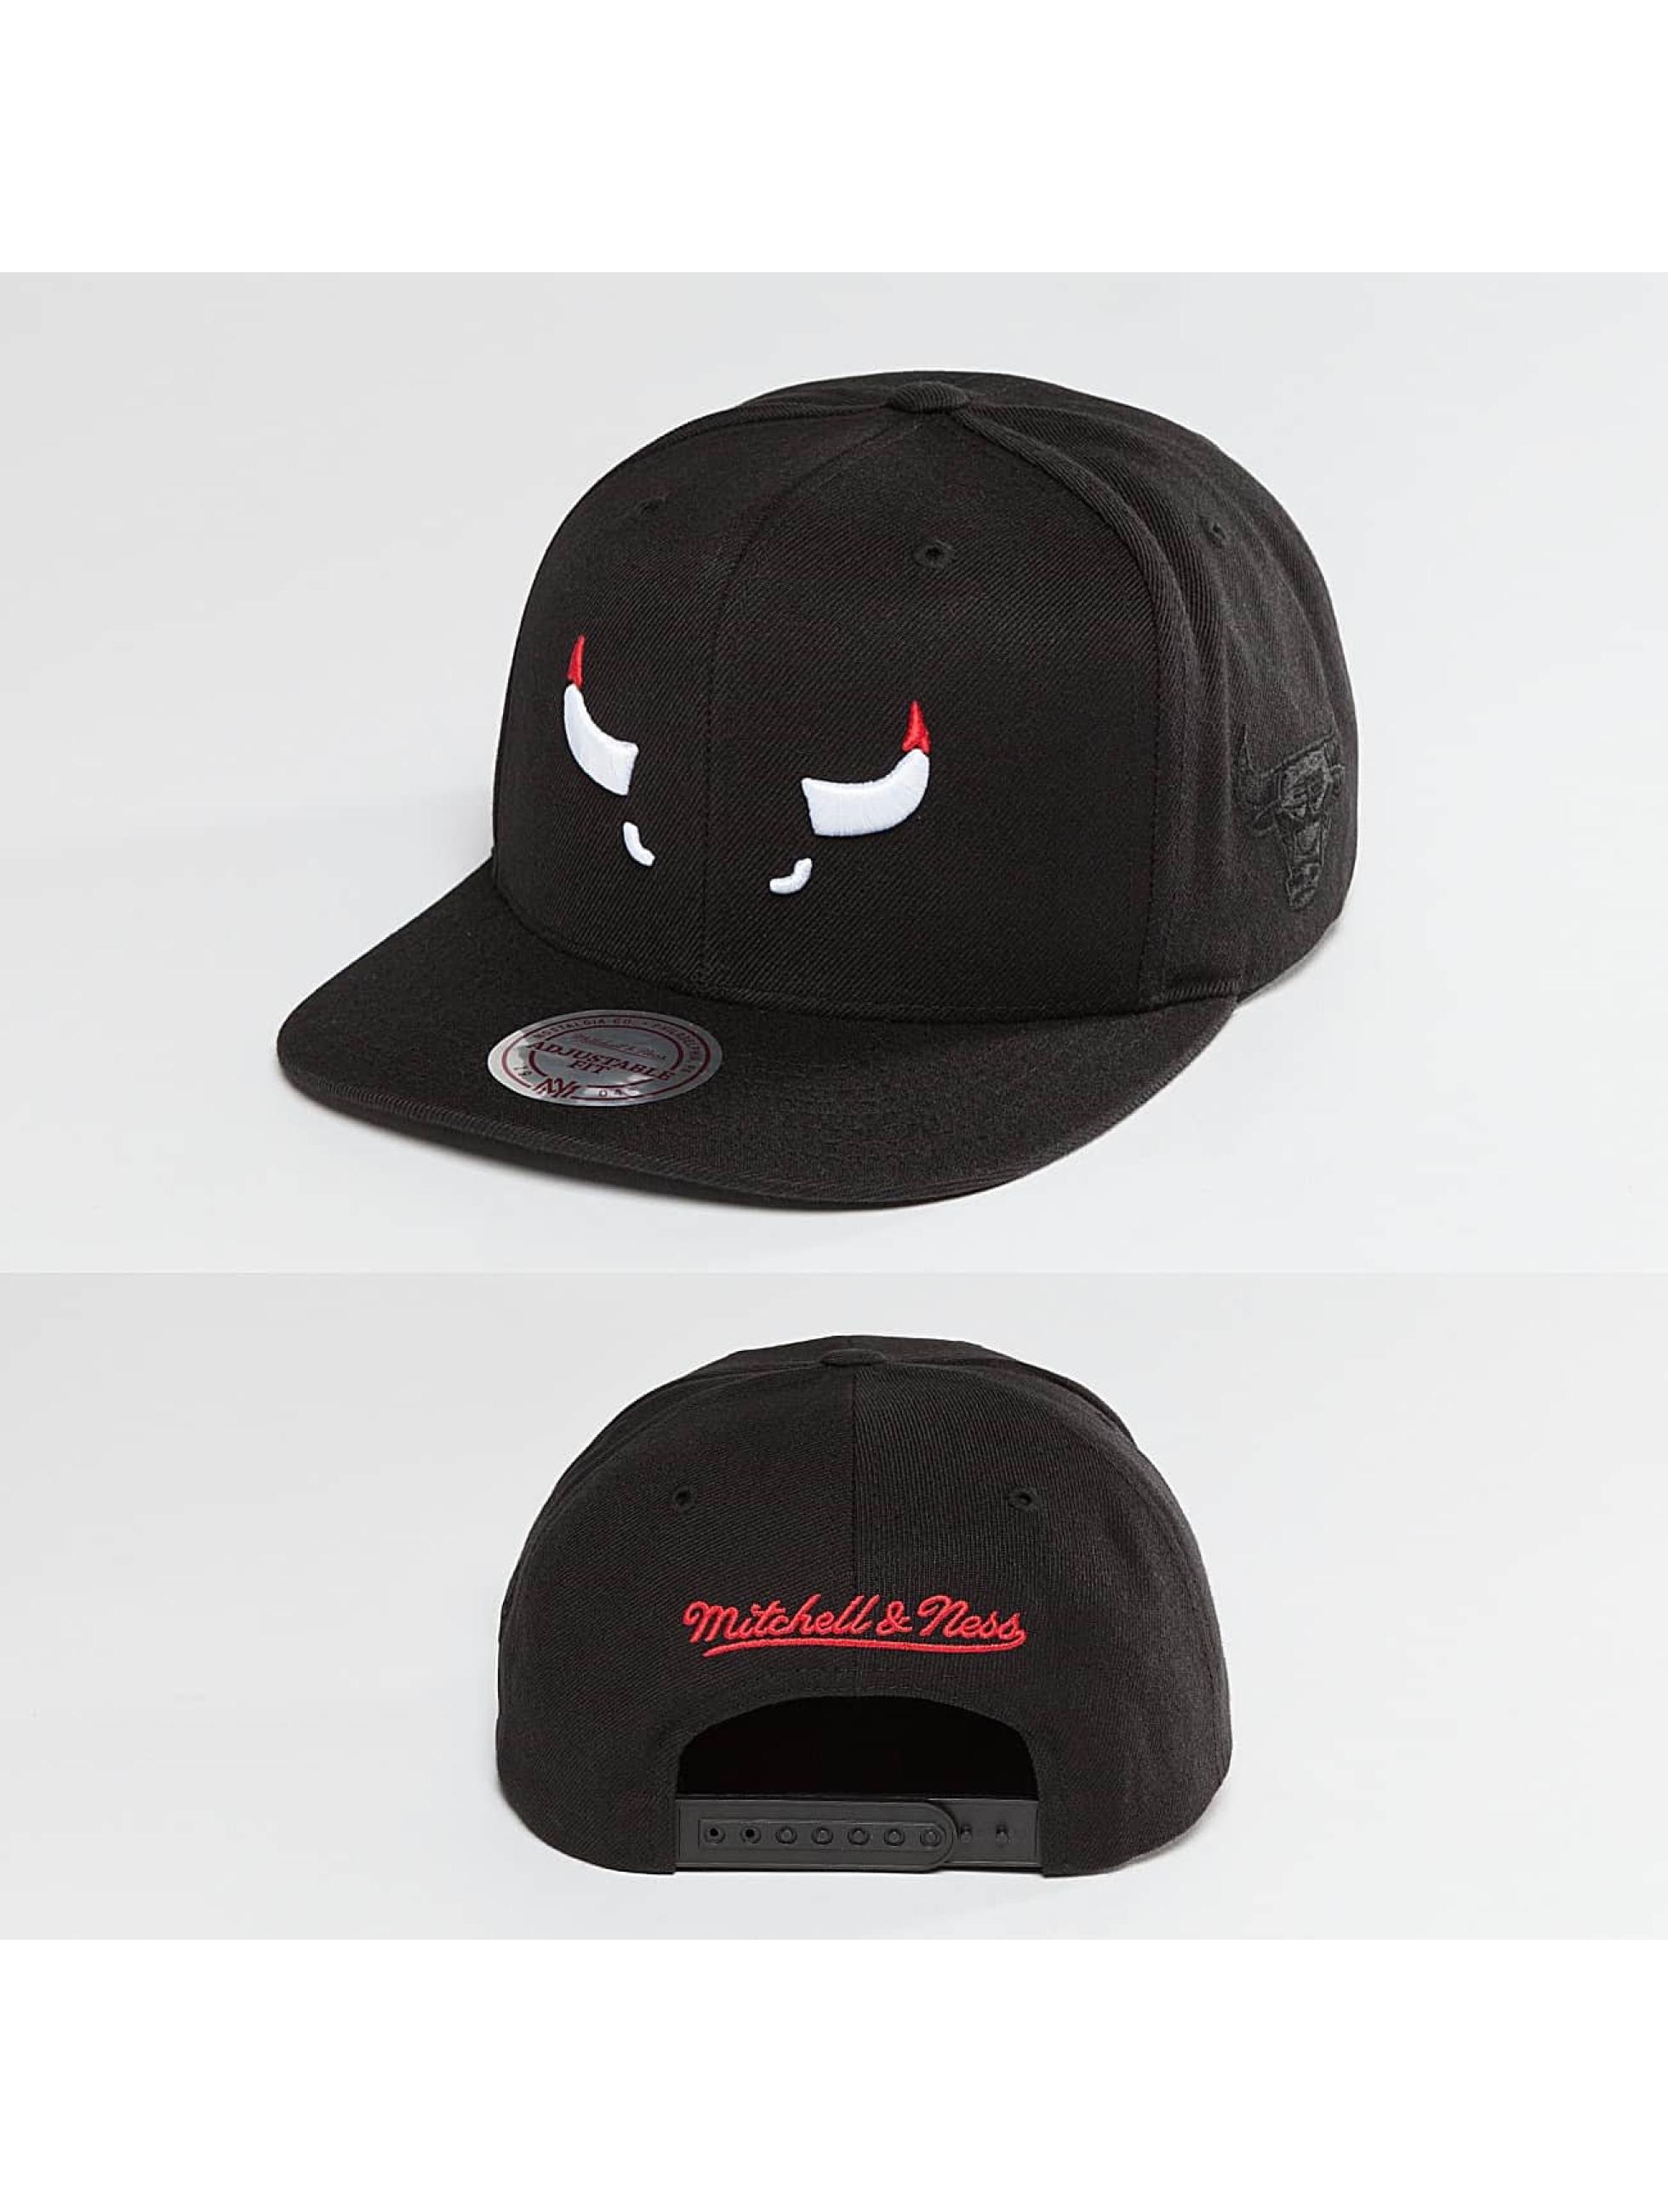 Mitchell & Ness Männer,Frauen Snapback Cap NBA Elements Chicago Bulls in schwarz Sale Angebote Kröppen